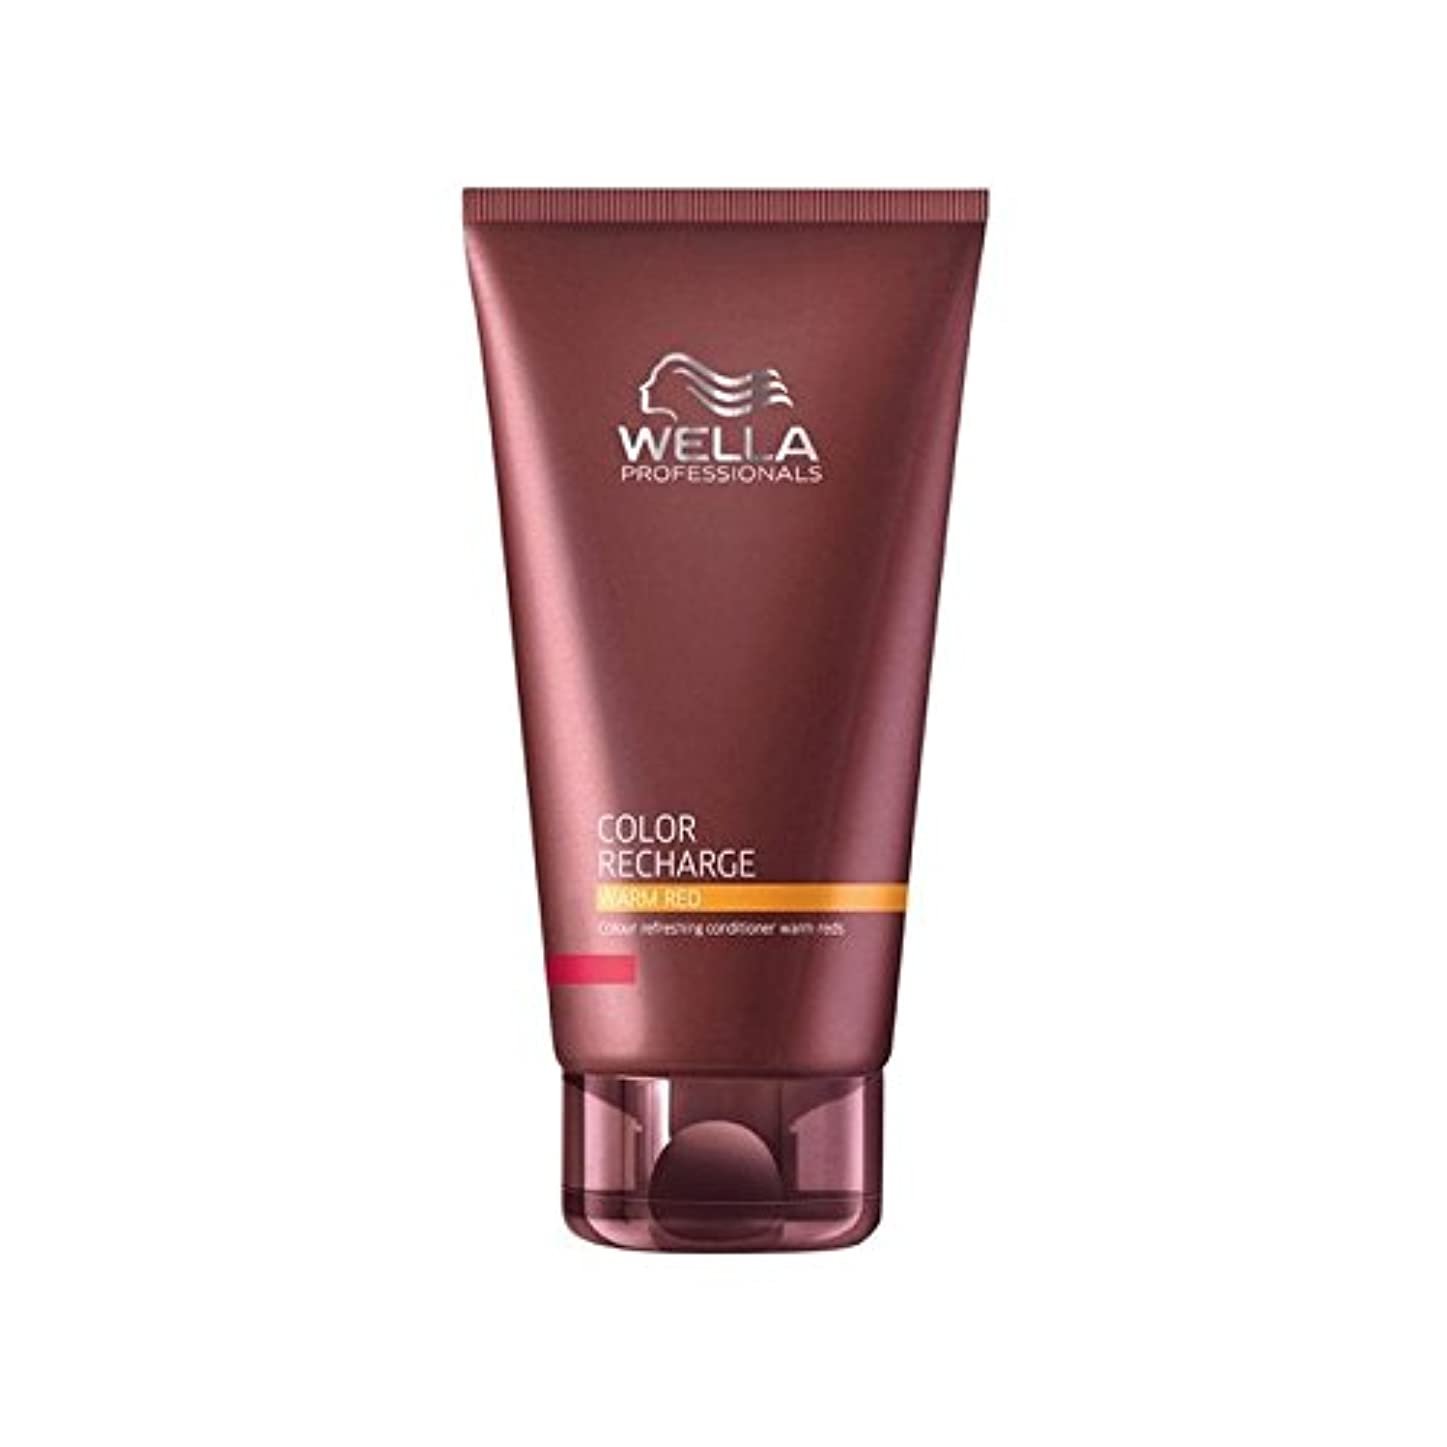 揮発性老人休眠ウエラ専門家のカラー再充電コンディショナー暖かい赤(200ミリリットル) x4 - Wella Professionals Color Recharge Conditioner Warm Red (200ml) (Pack of 4) [並行輸入品]